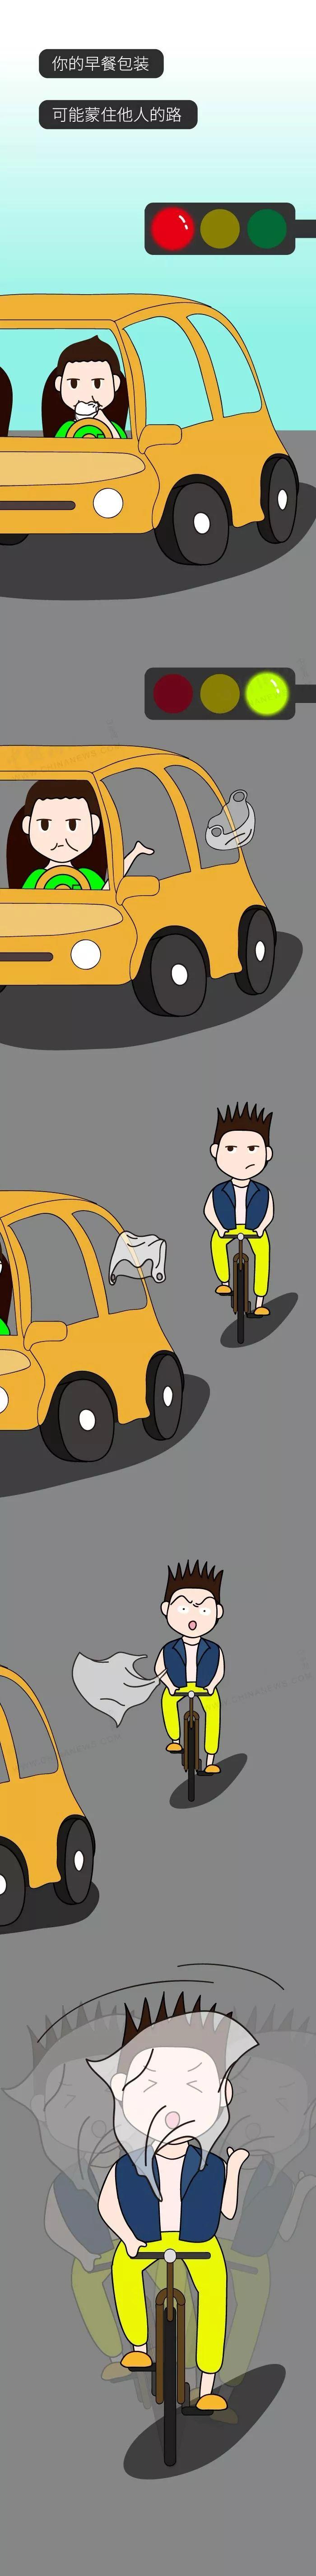 嘿!管住双手,文明驾驶 不要把马路当成你的垃圾桶